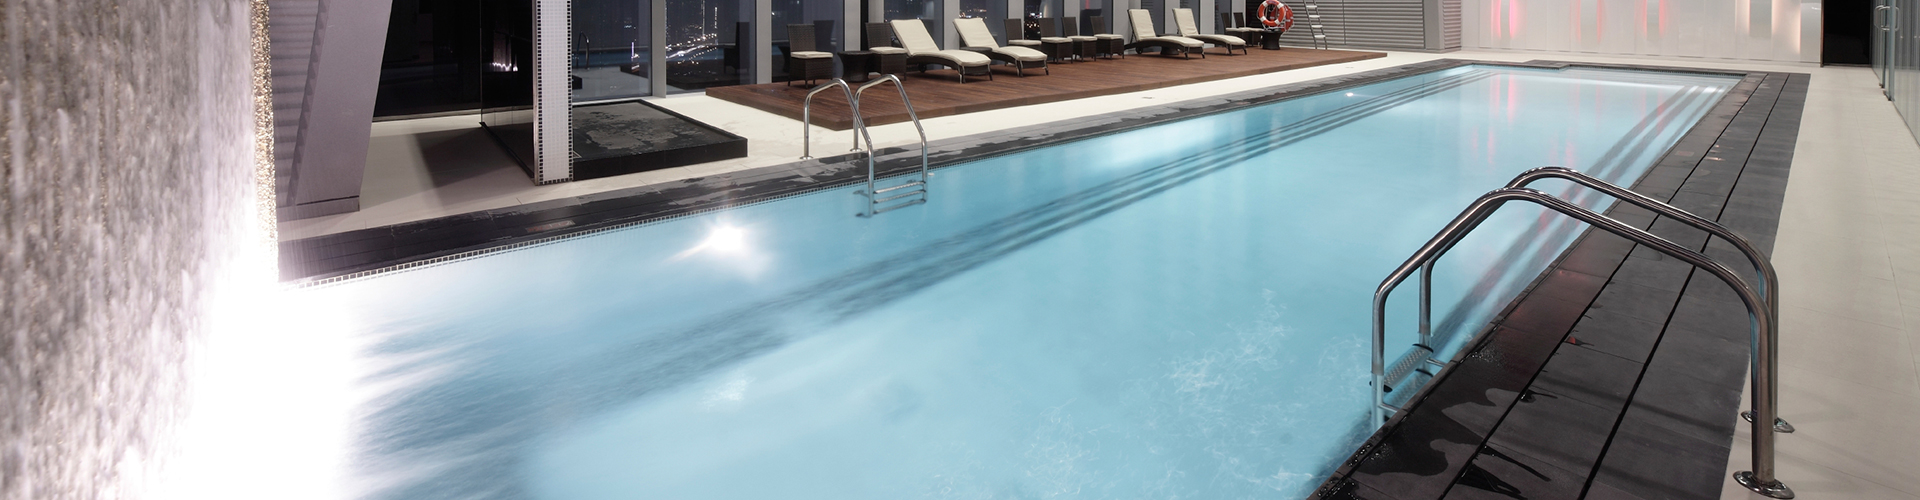 Constructeur de piscine int rieure centerspas for Constructeur de piscine